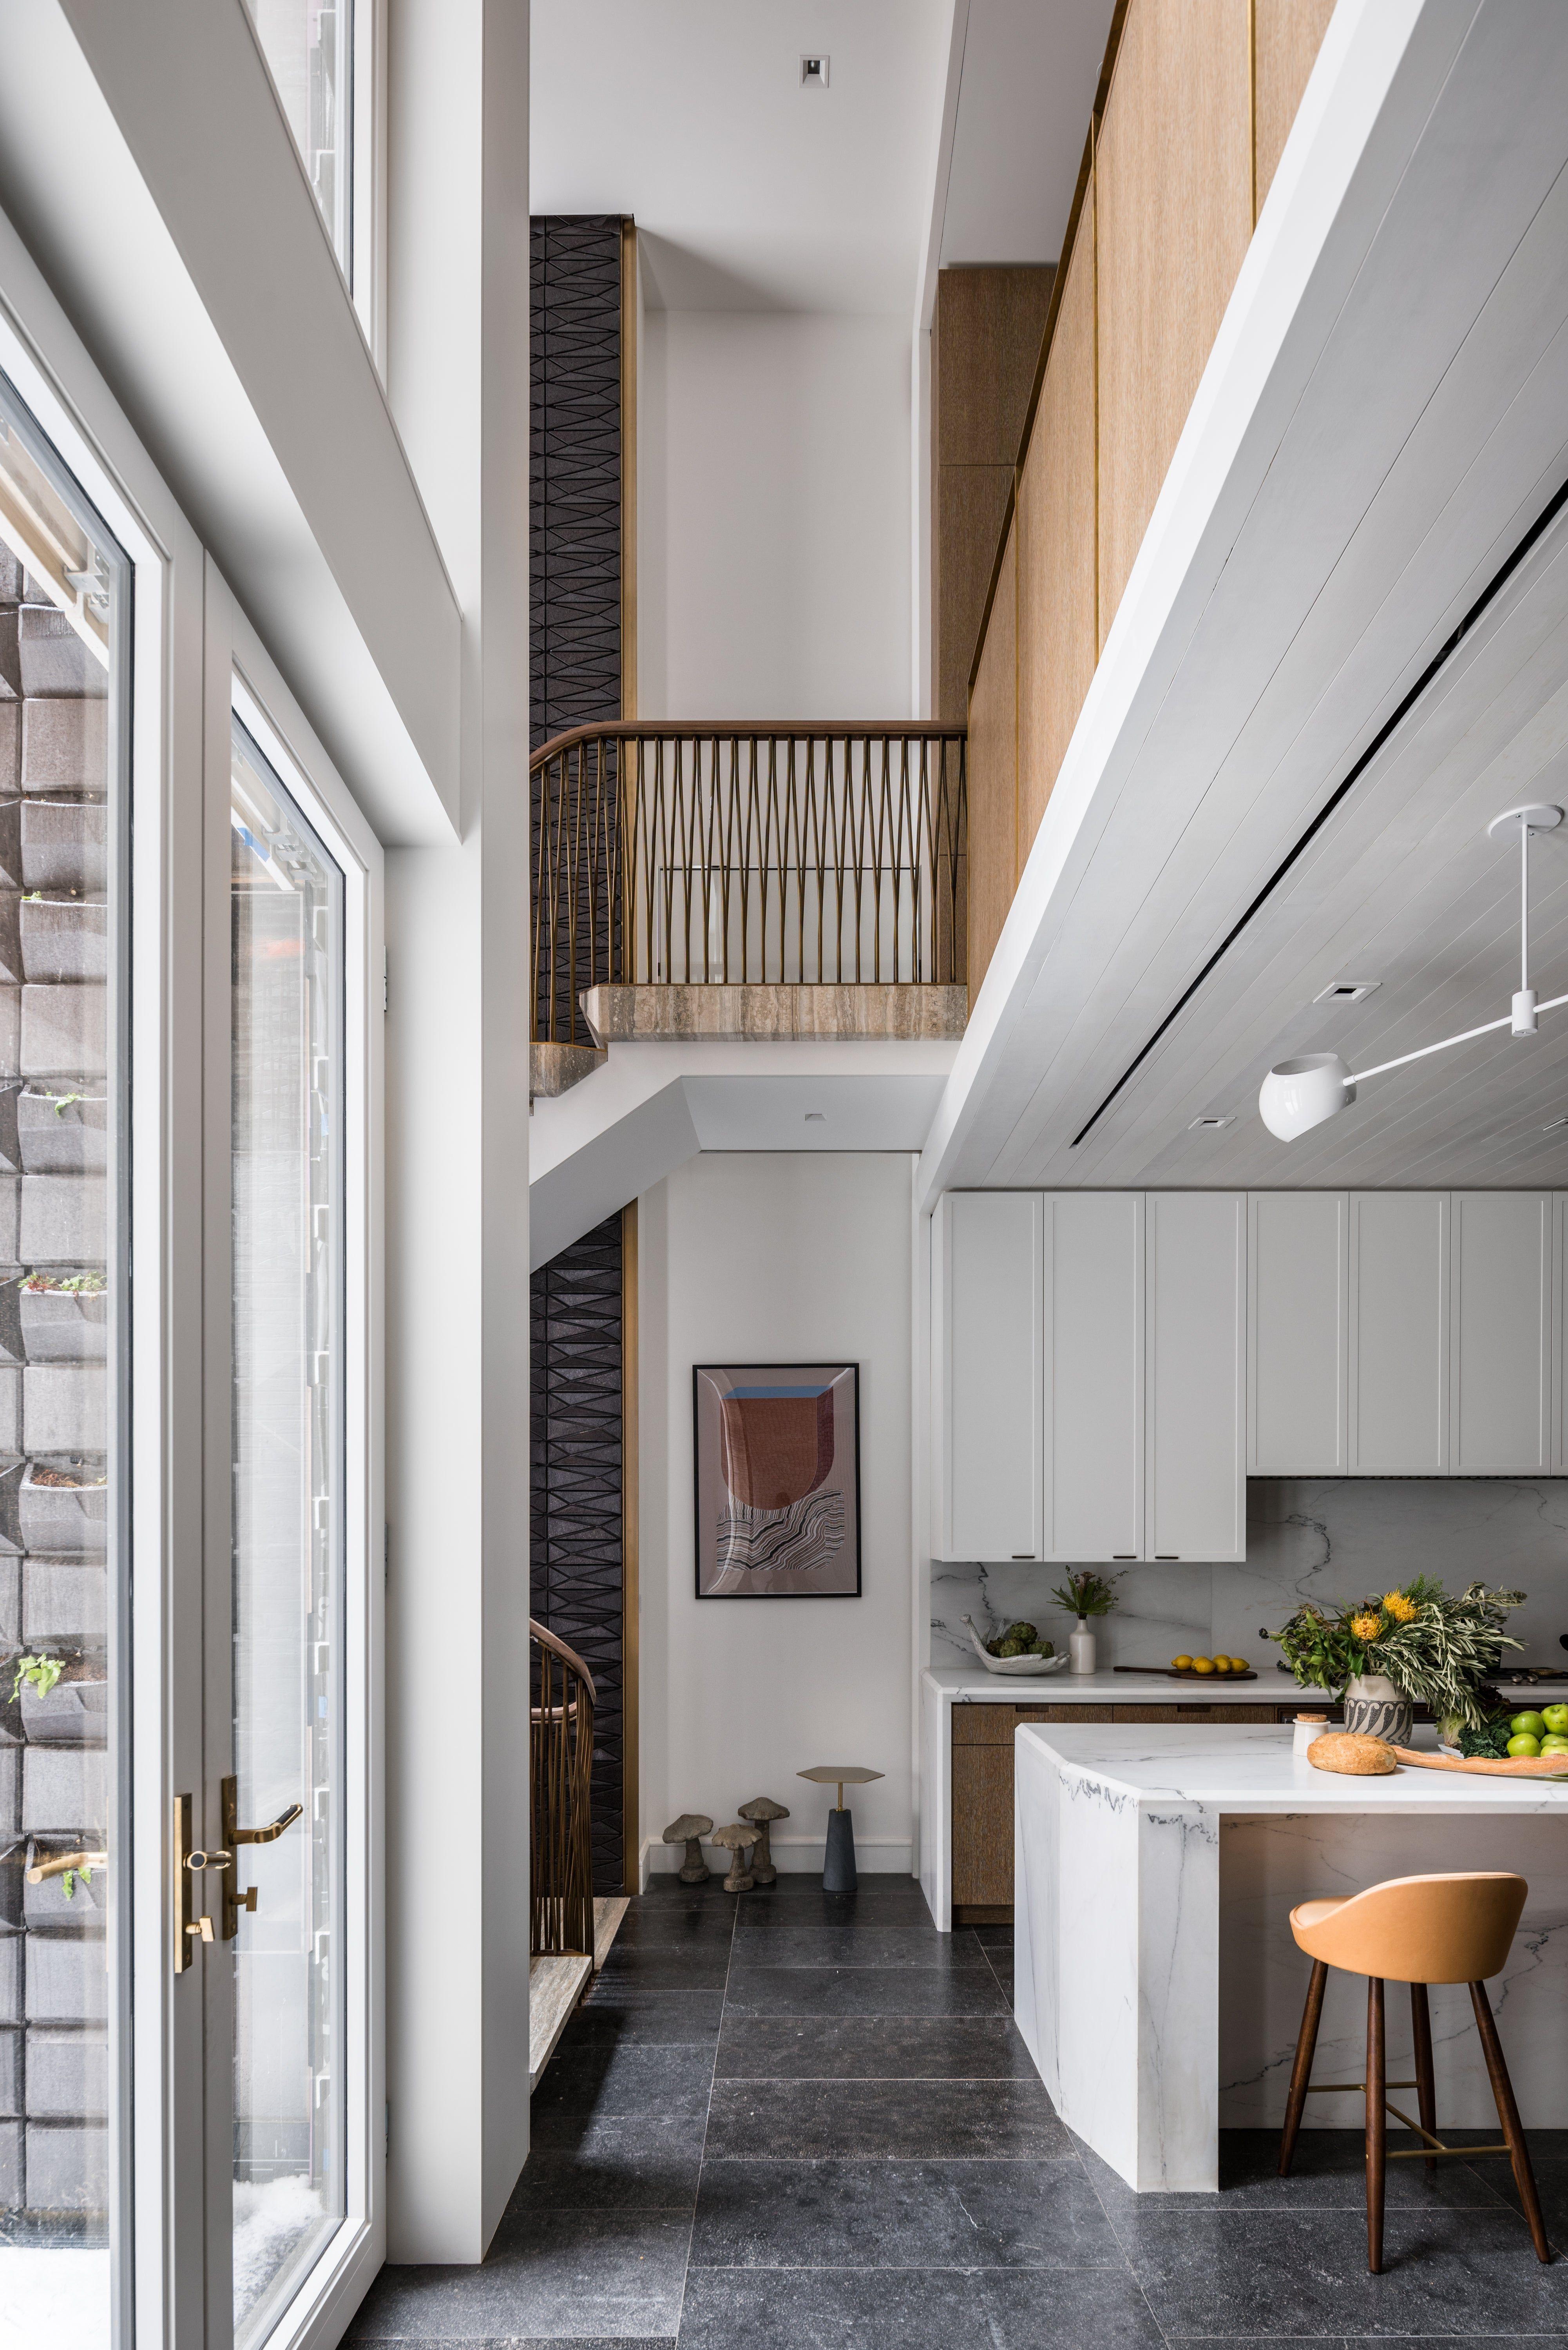 Kitchen by MKCA // Michael K Chen Architecture on 1stdibs